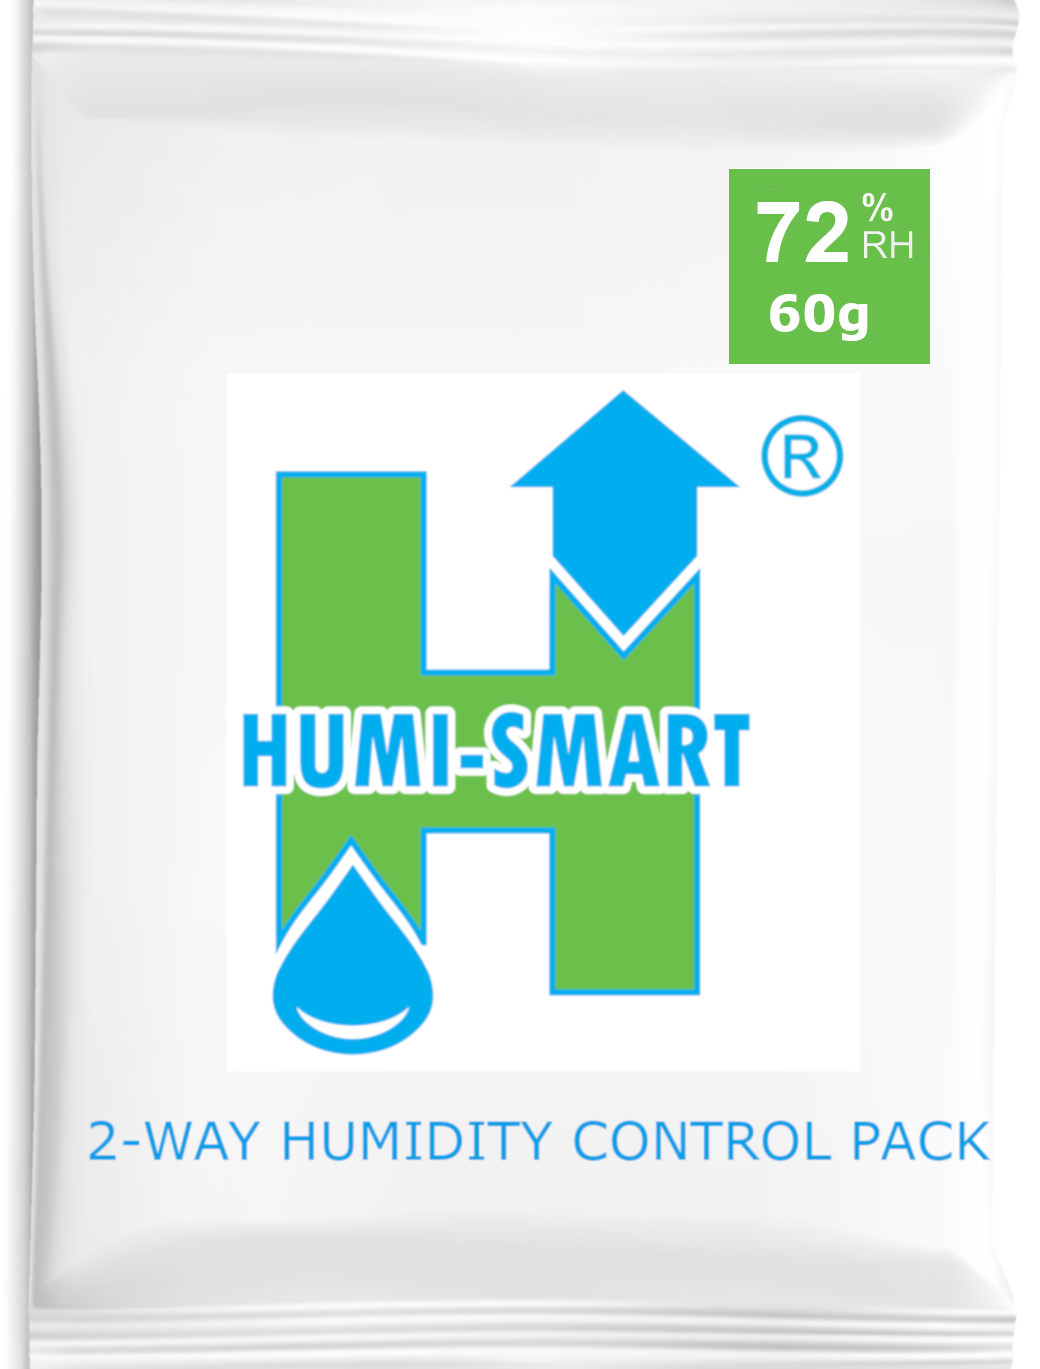 Humi Smart 60G 72%